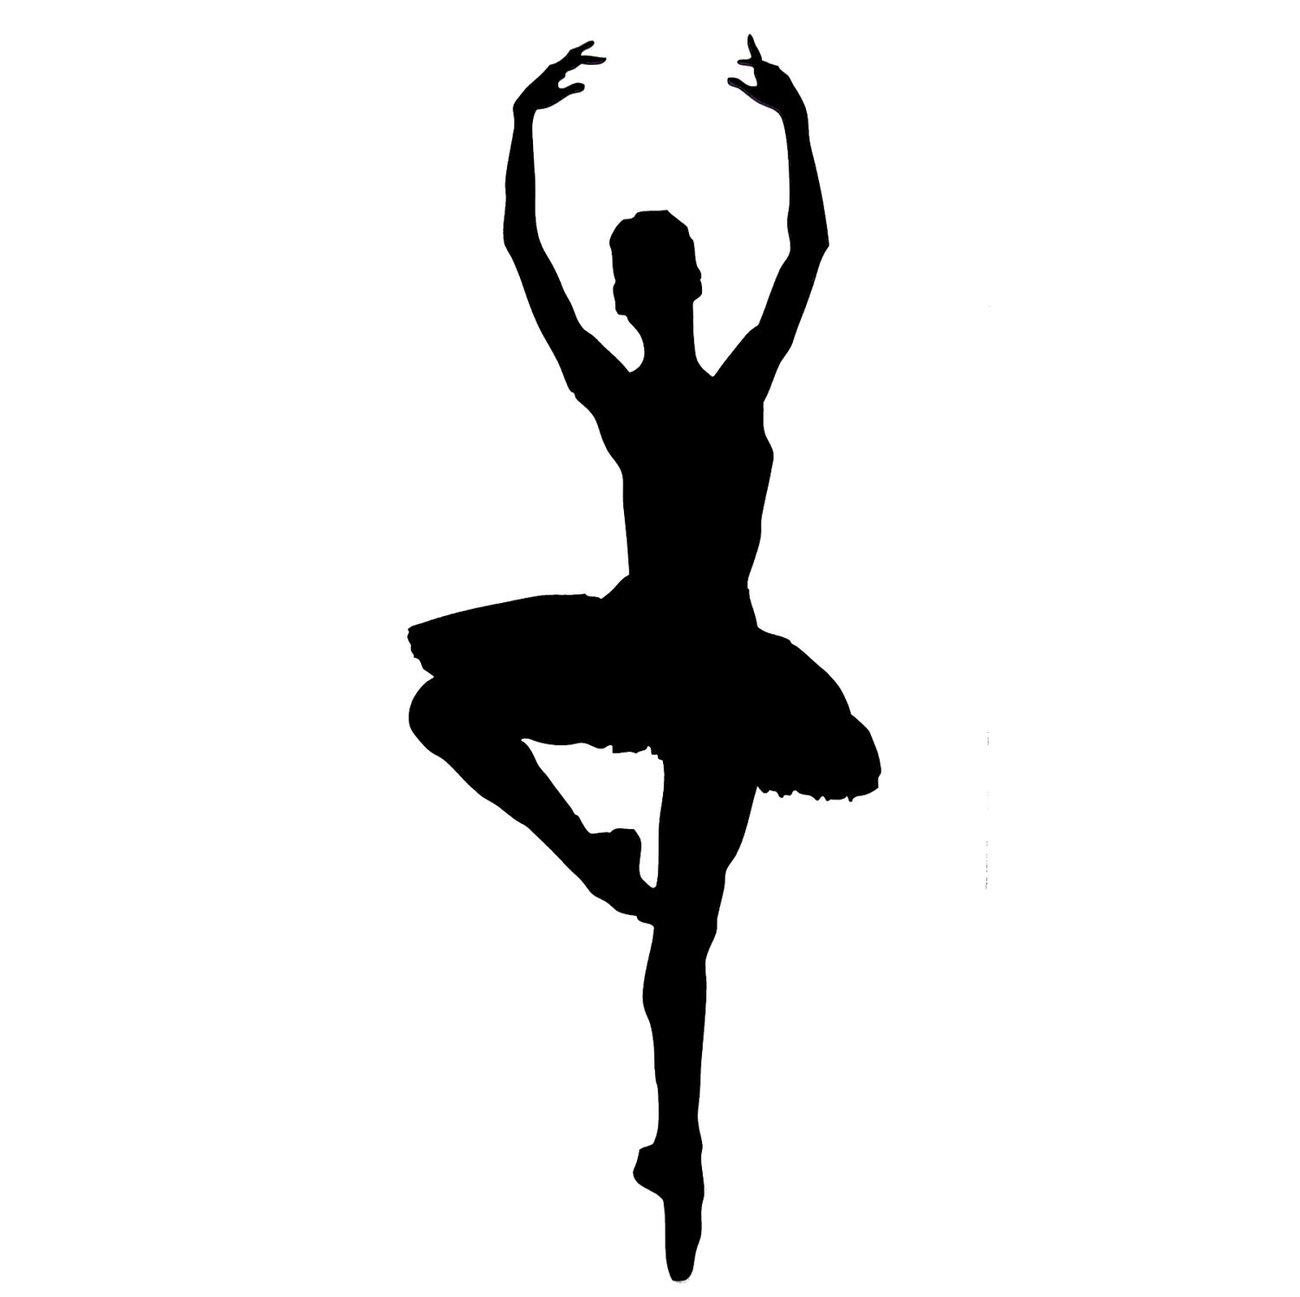 Ballet silhouette clipart clip transparent download Free Ballet Silhouette Cliparts, Download Free Clip Art, Free Clip ... clip transparent download